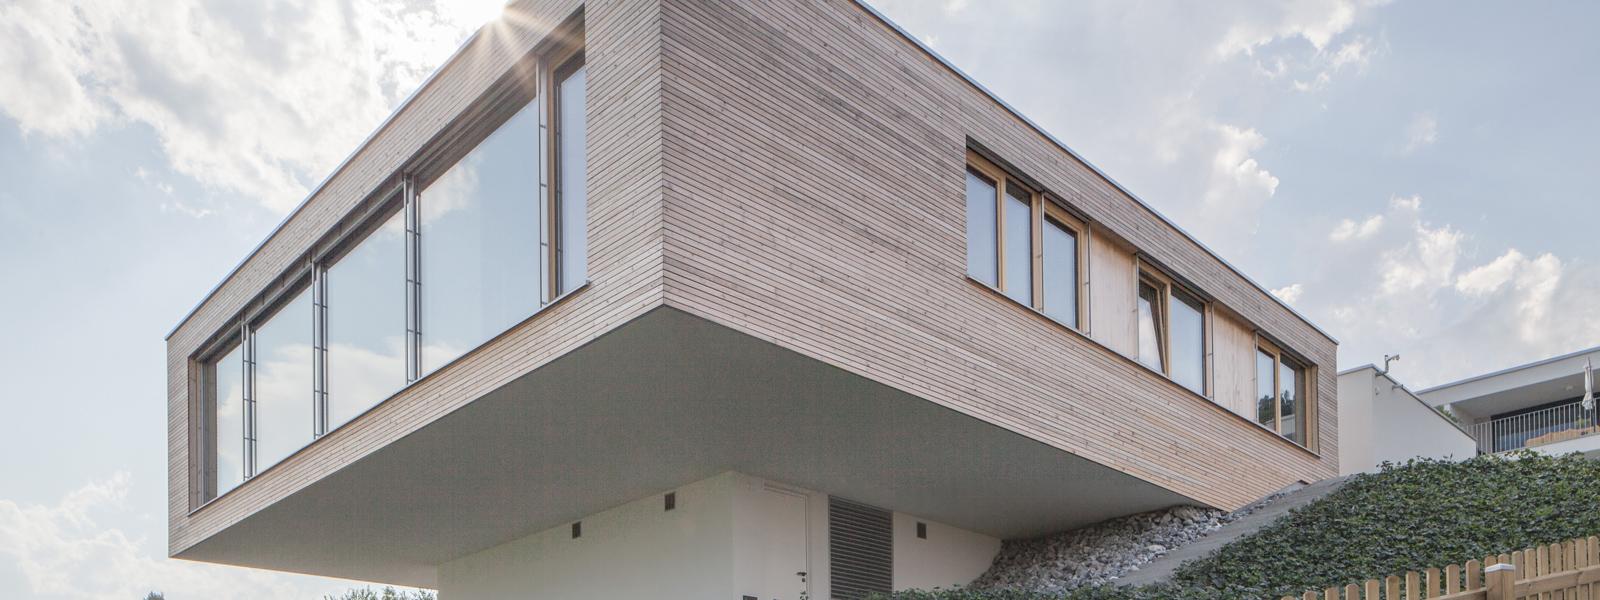 alpina_home_projektslider02_salzgeber